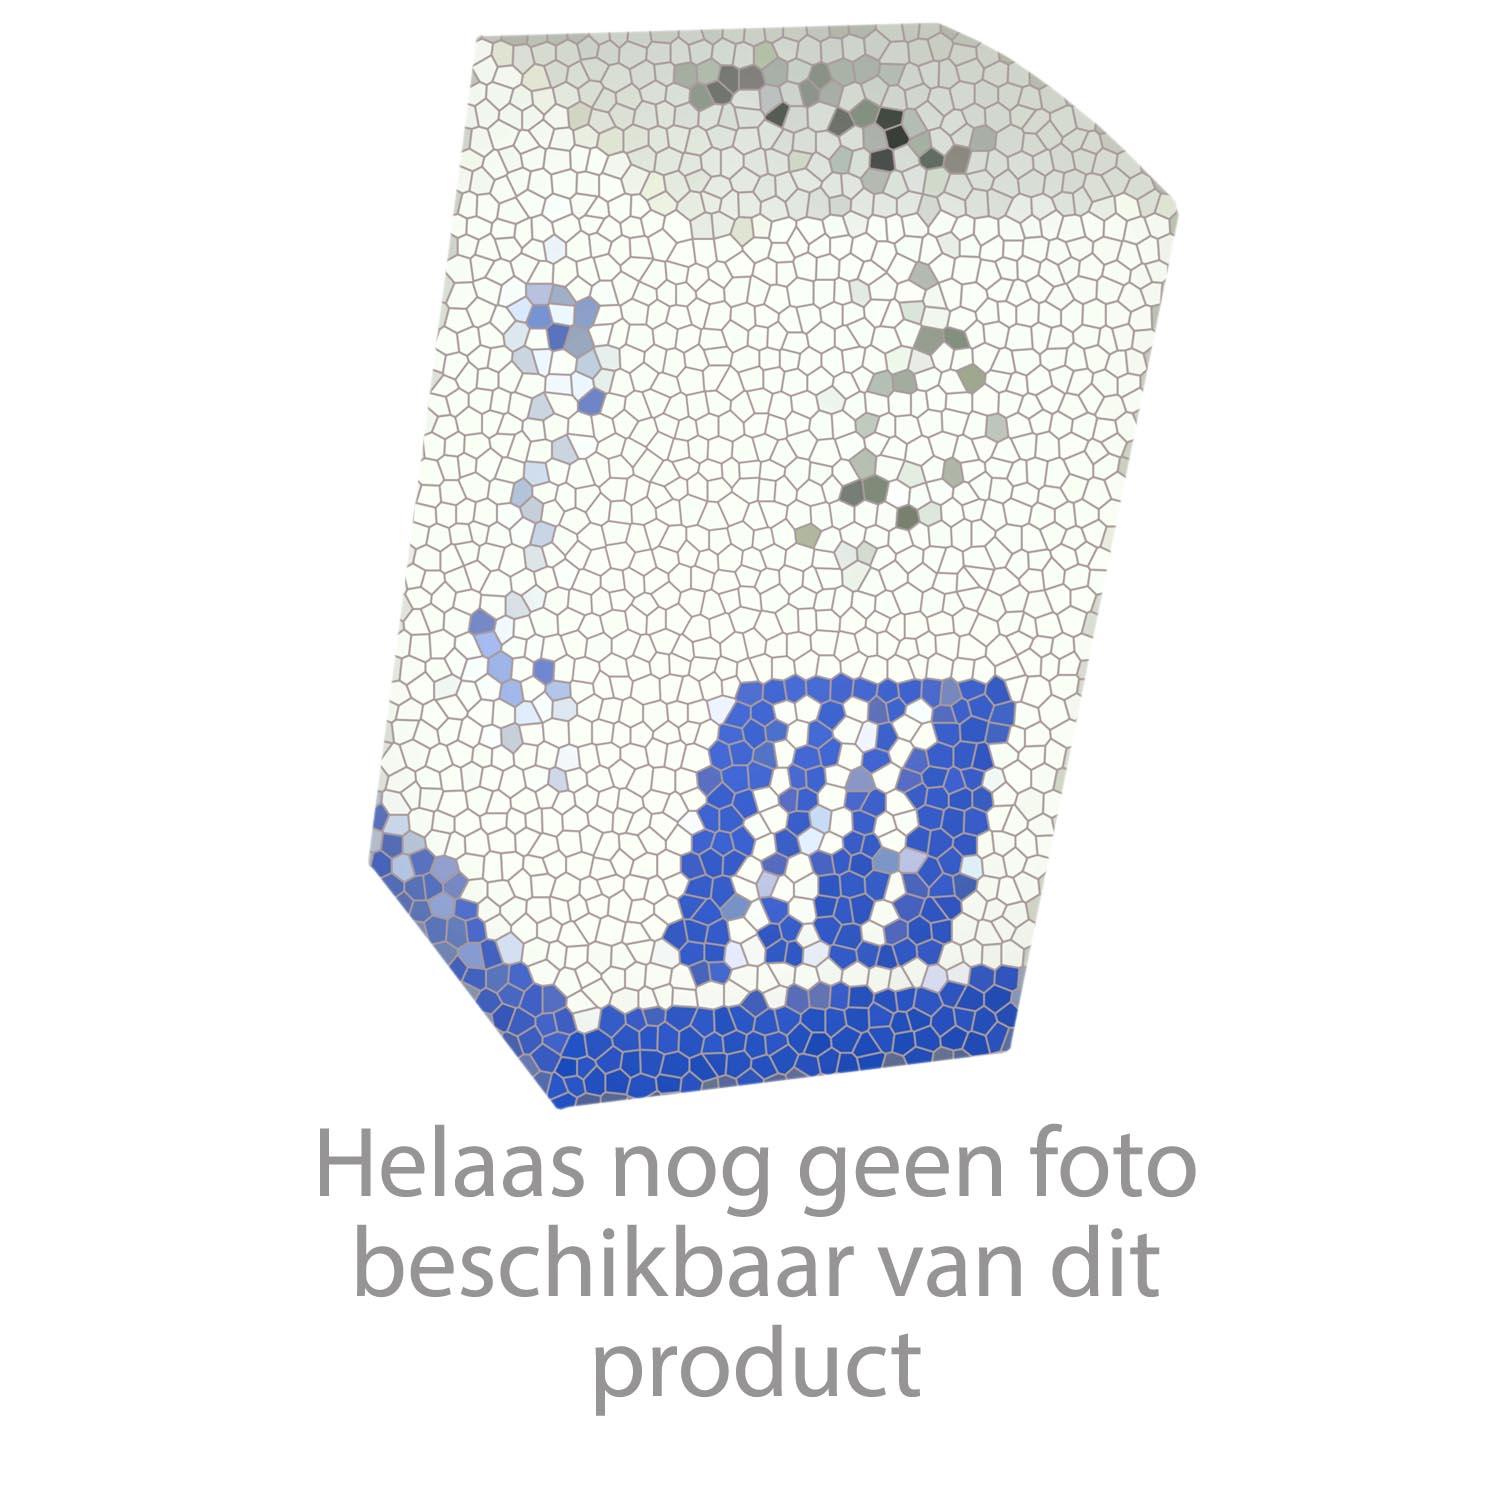 HansGrohe Afvoer- en overloopgarnituren Afvoer- en kopphebelgarnitur productiejaar > 01/77 51350000 onderdelen